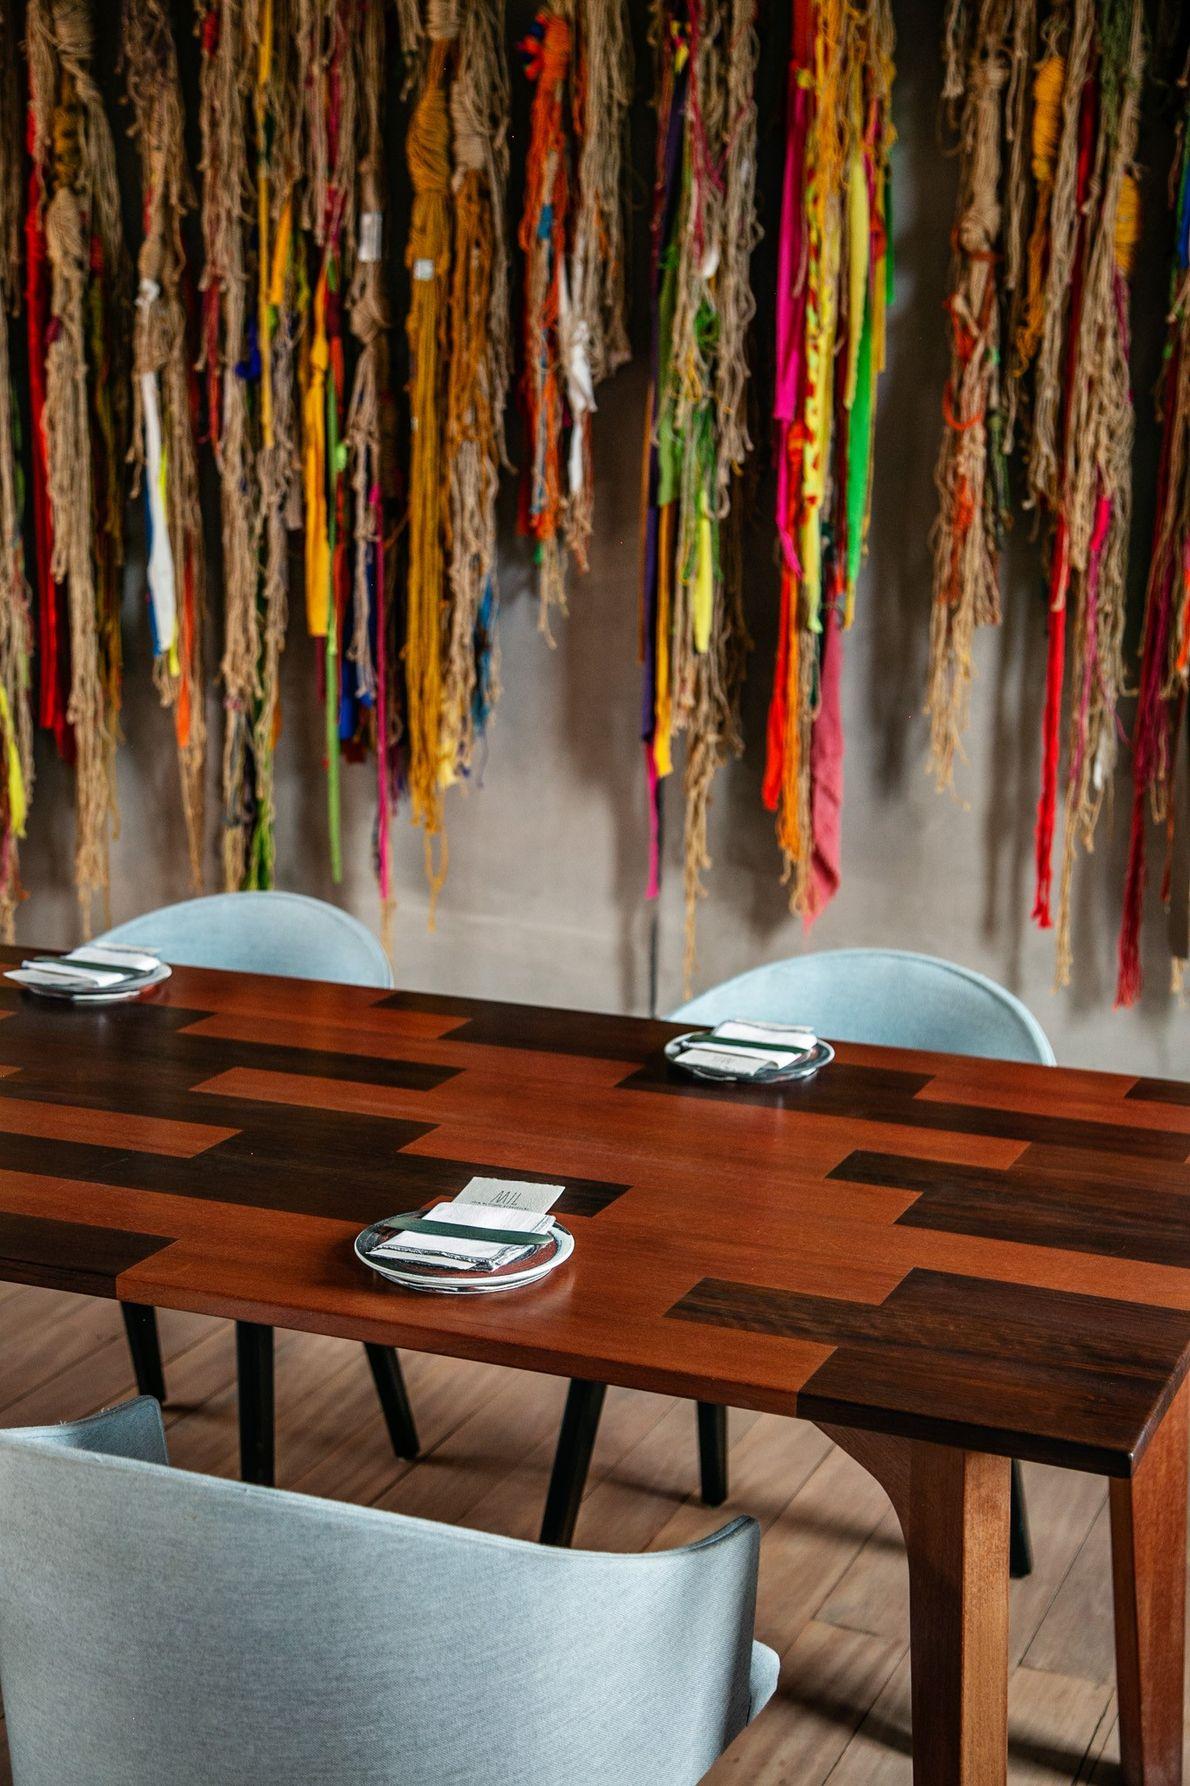 No restaurante Mil, há mesas polidas feitas com diversos tipos de madeira.